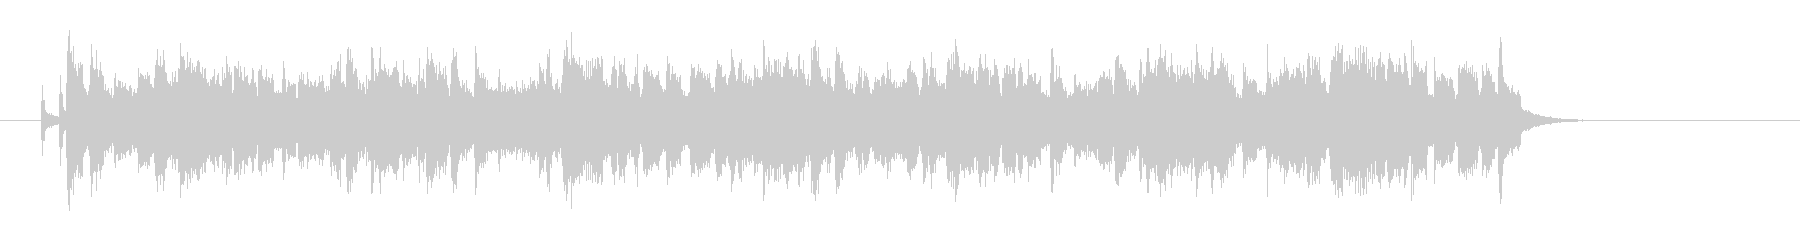 爽かなポップスのジングル曲、サウンドロゴの未再生の波形